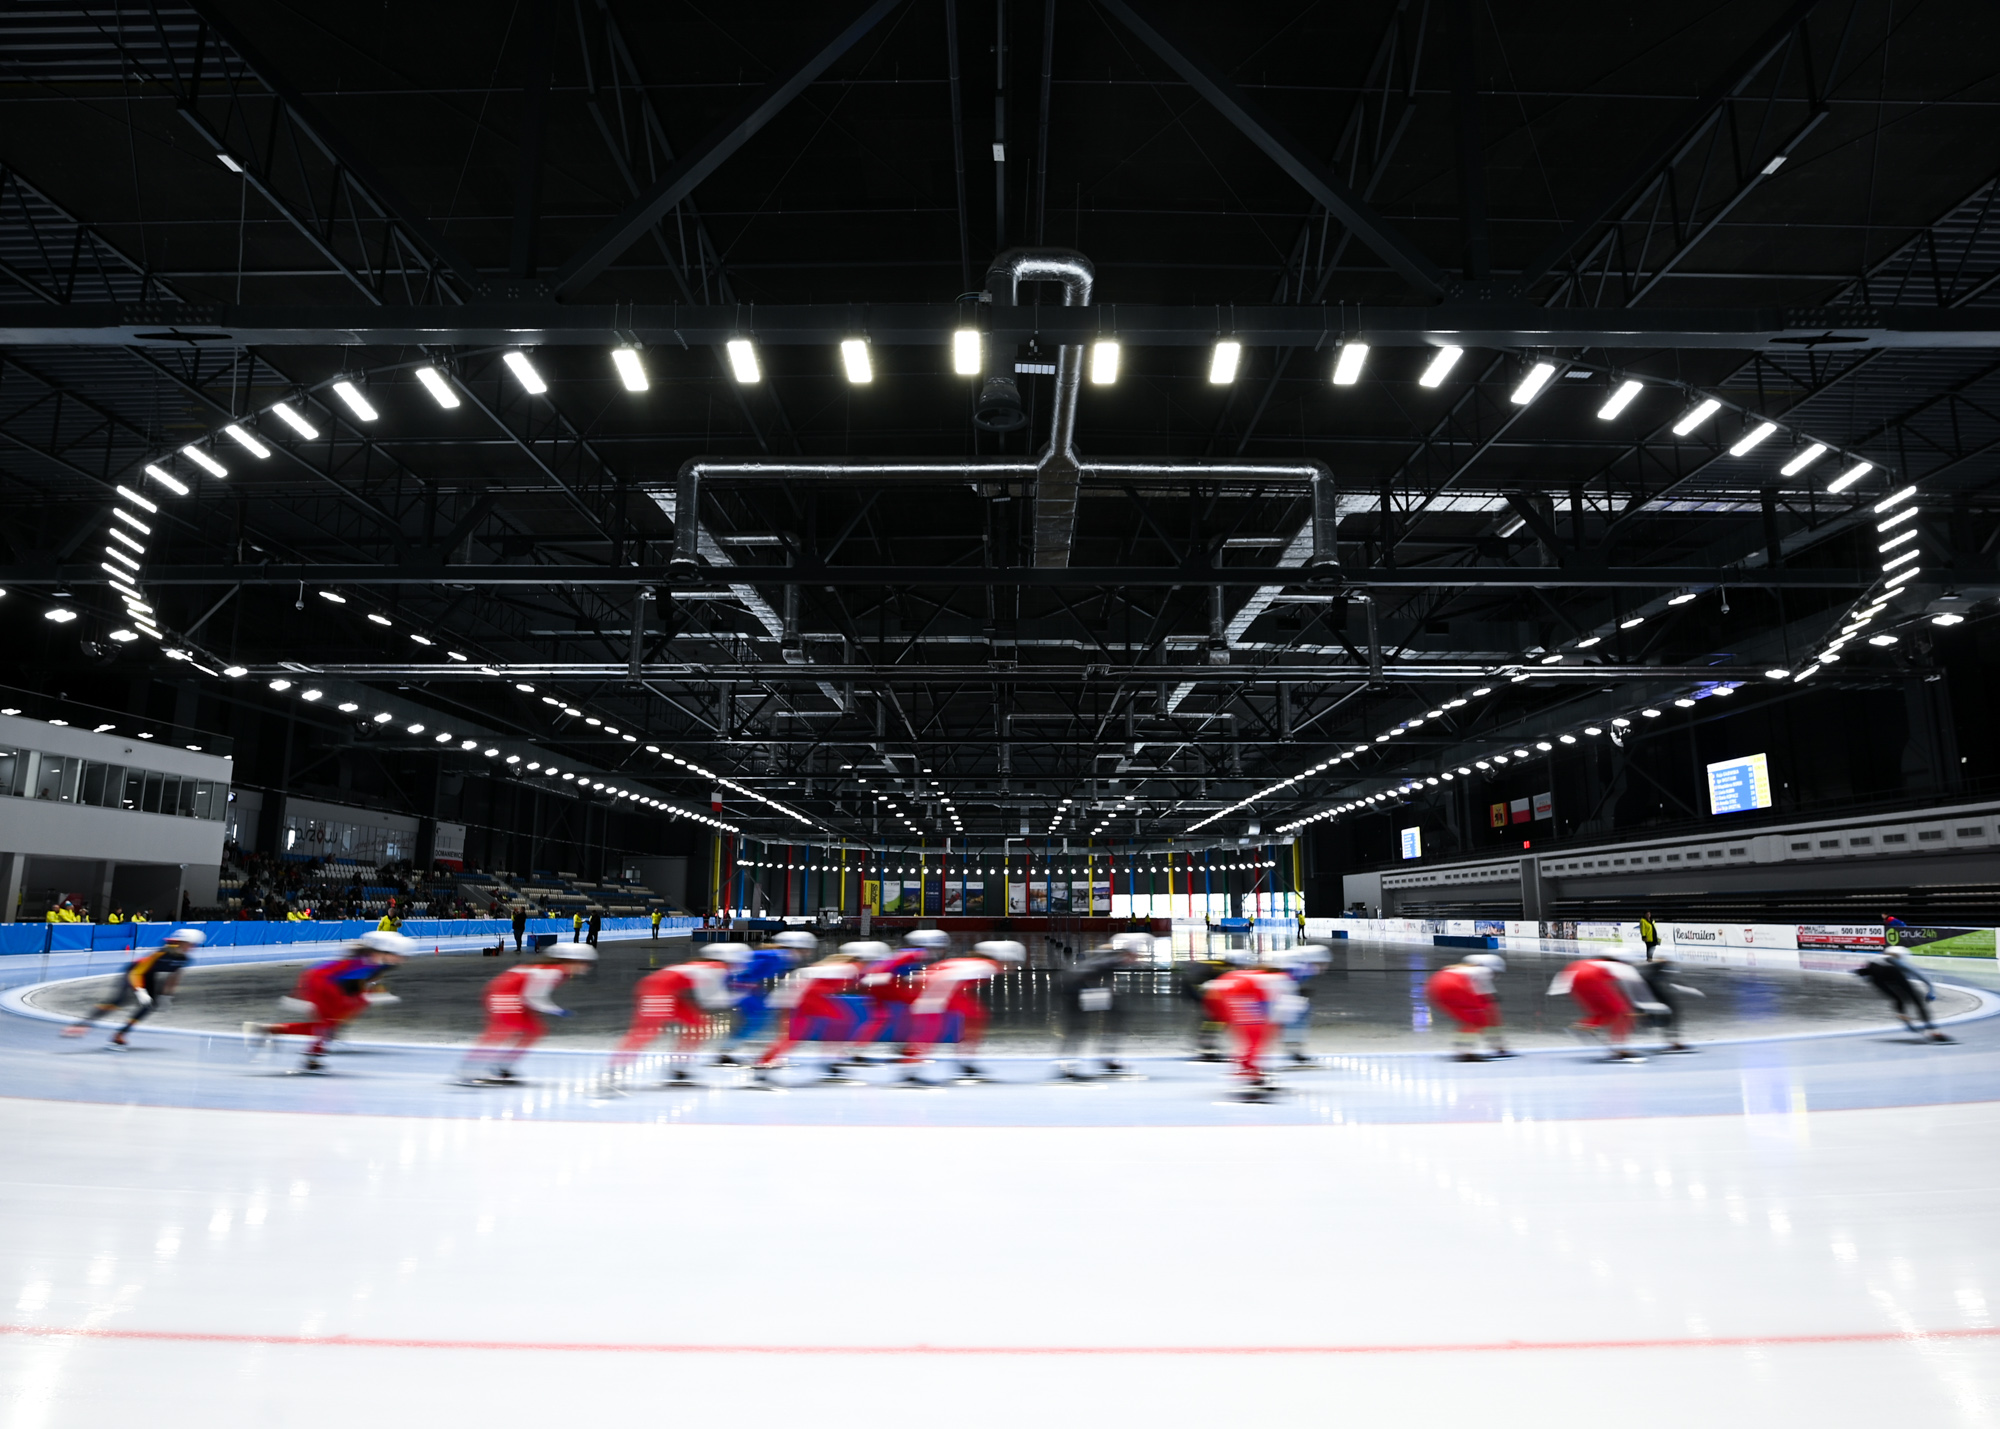 mistrzostwa świata juniorów w łyżwiarstwie szybki luty 2020